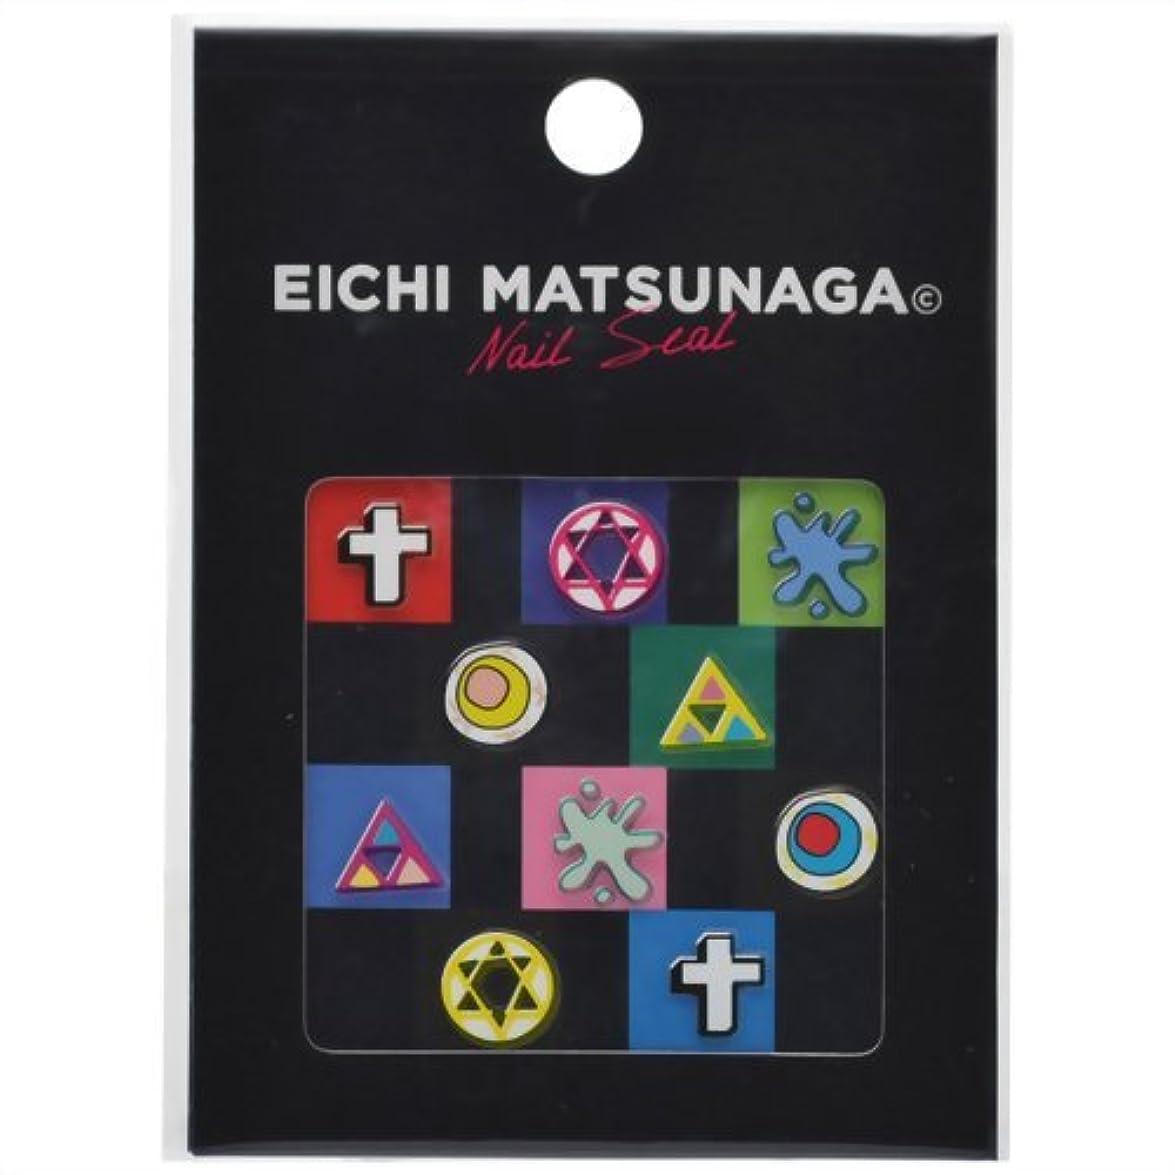 モルヒネモチーフモンキーウイングビート EICHI MATSUNAGA nail seal EICHI/S-004